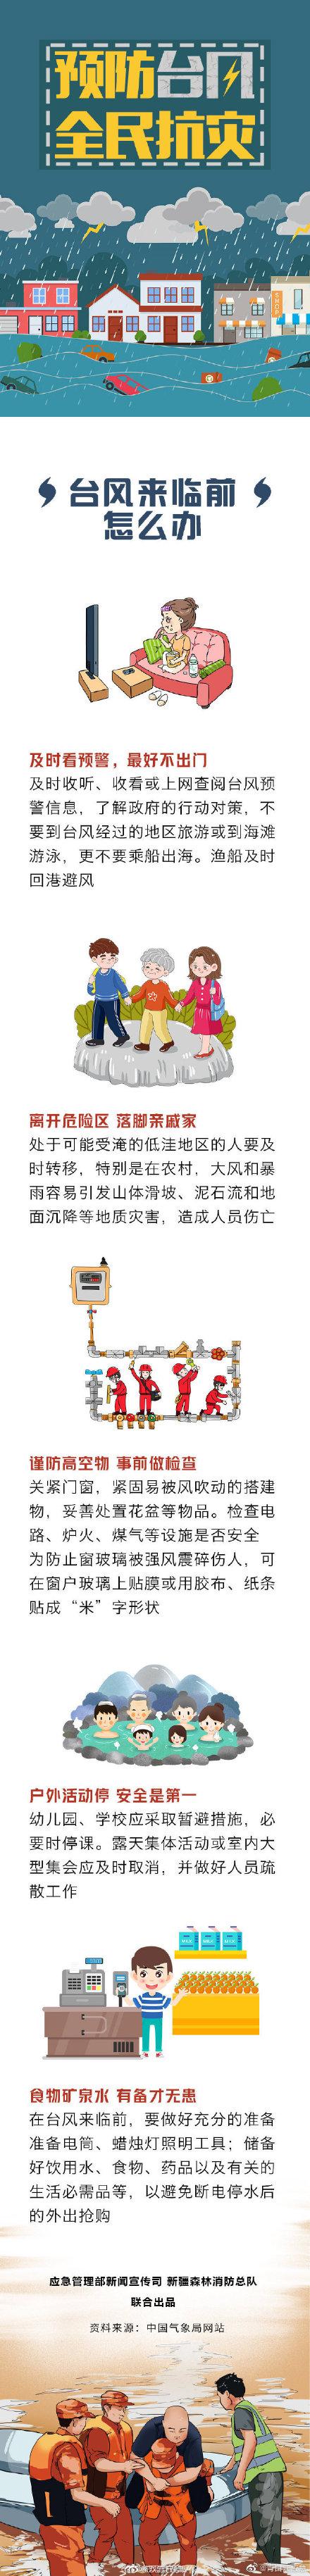 预防台风 全民抗灾